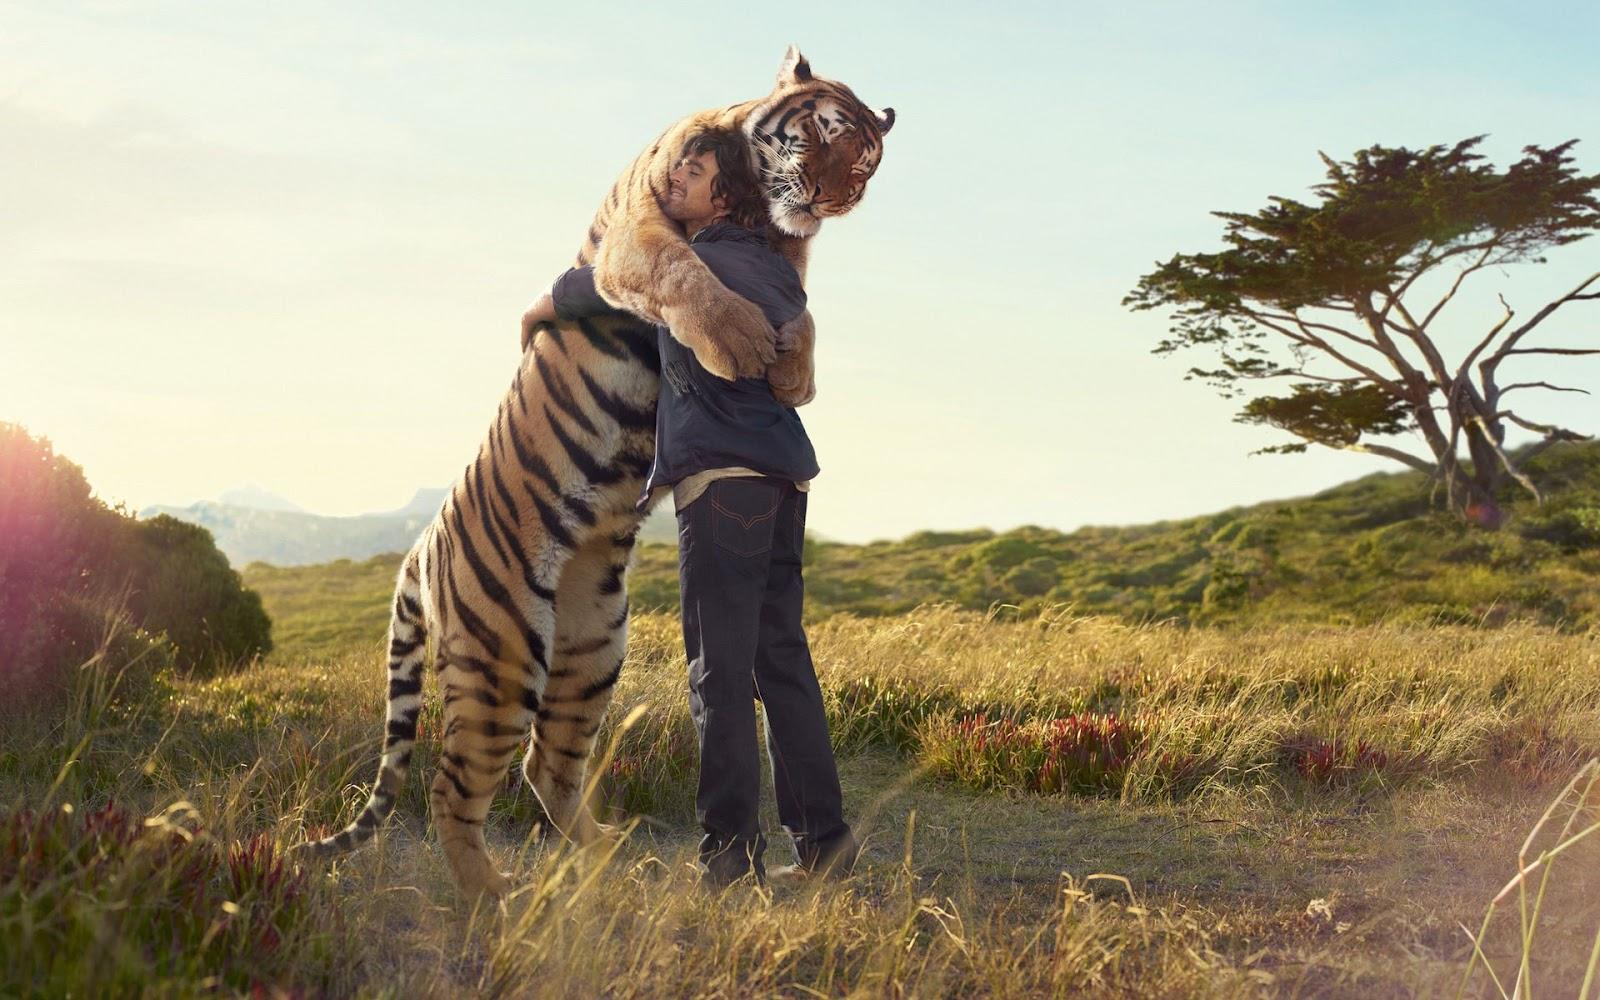 http://2.bp.blogspot.com/-H6PlQ9tmmYc/T4b87MpV1FI/AAAAAAAAFac/THr-GF35MzI/s1600/Tiger-Hug.jpg